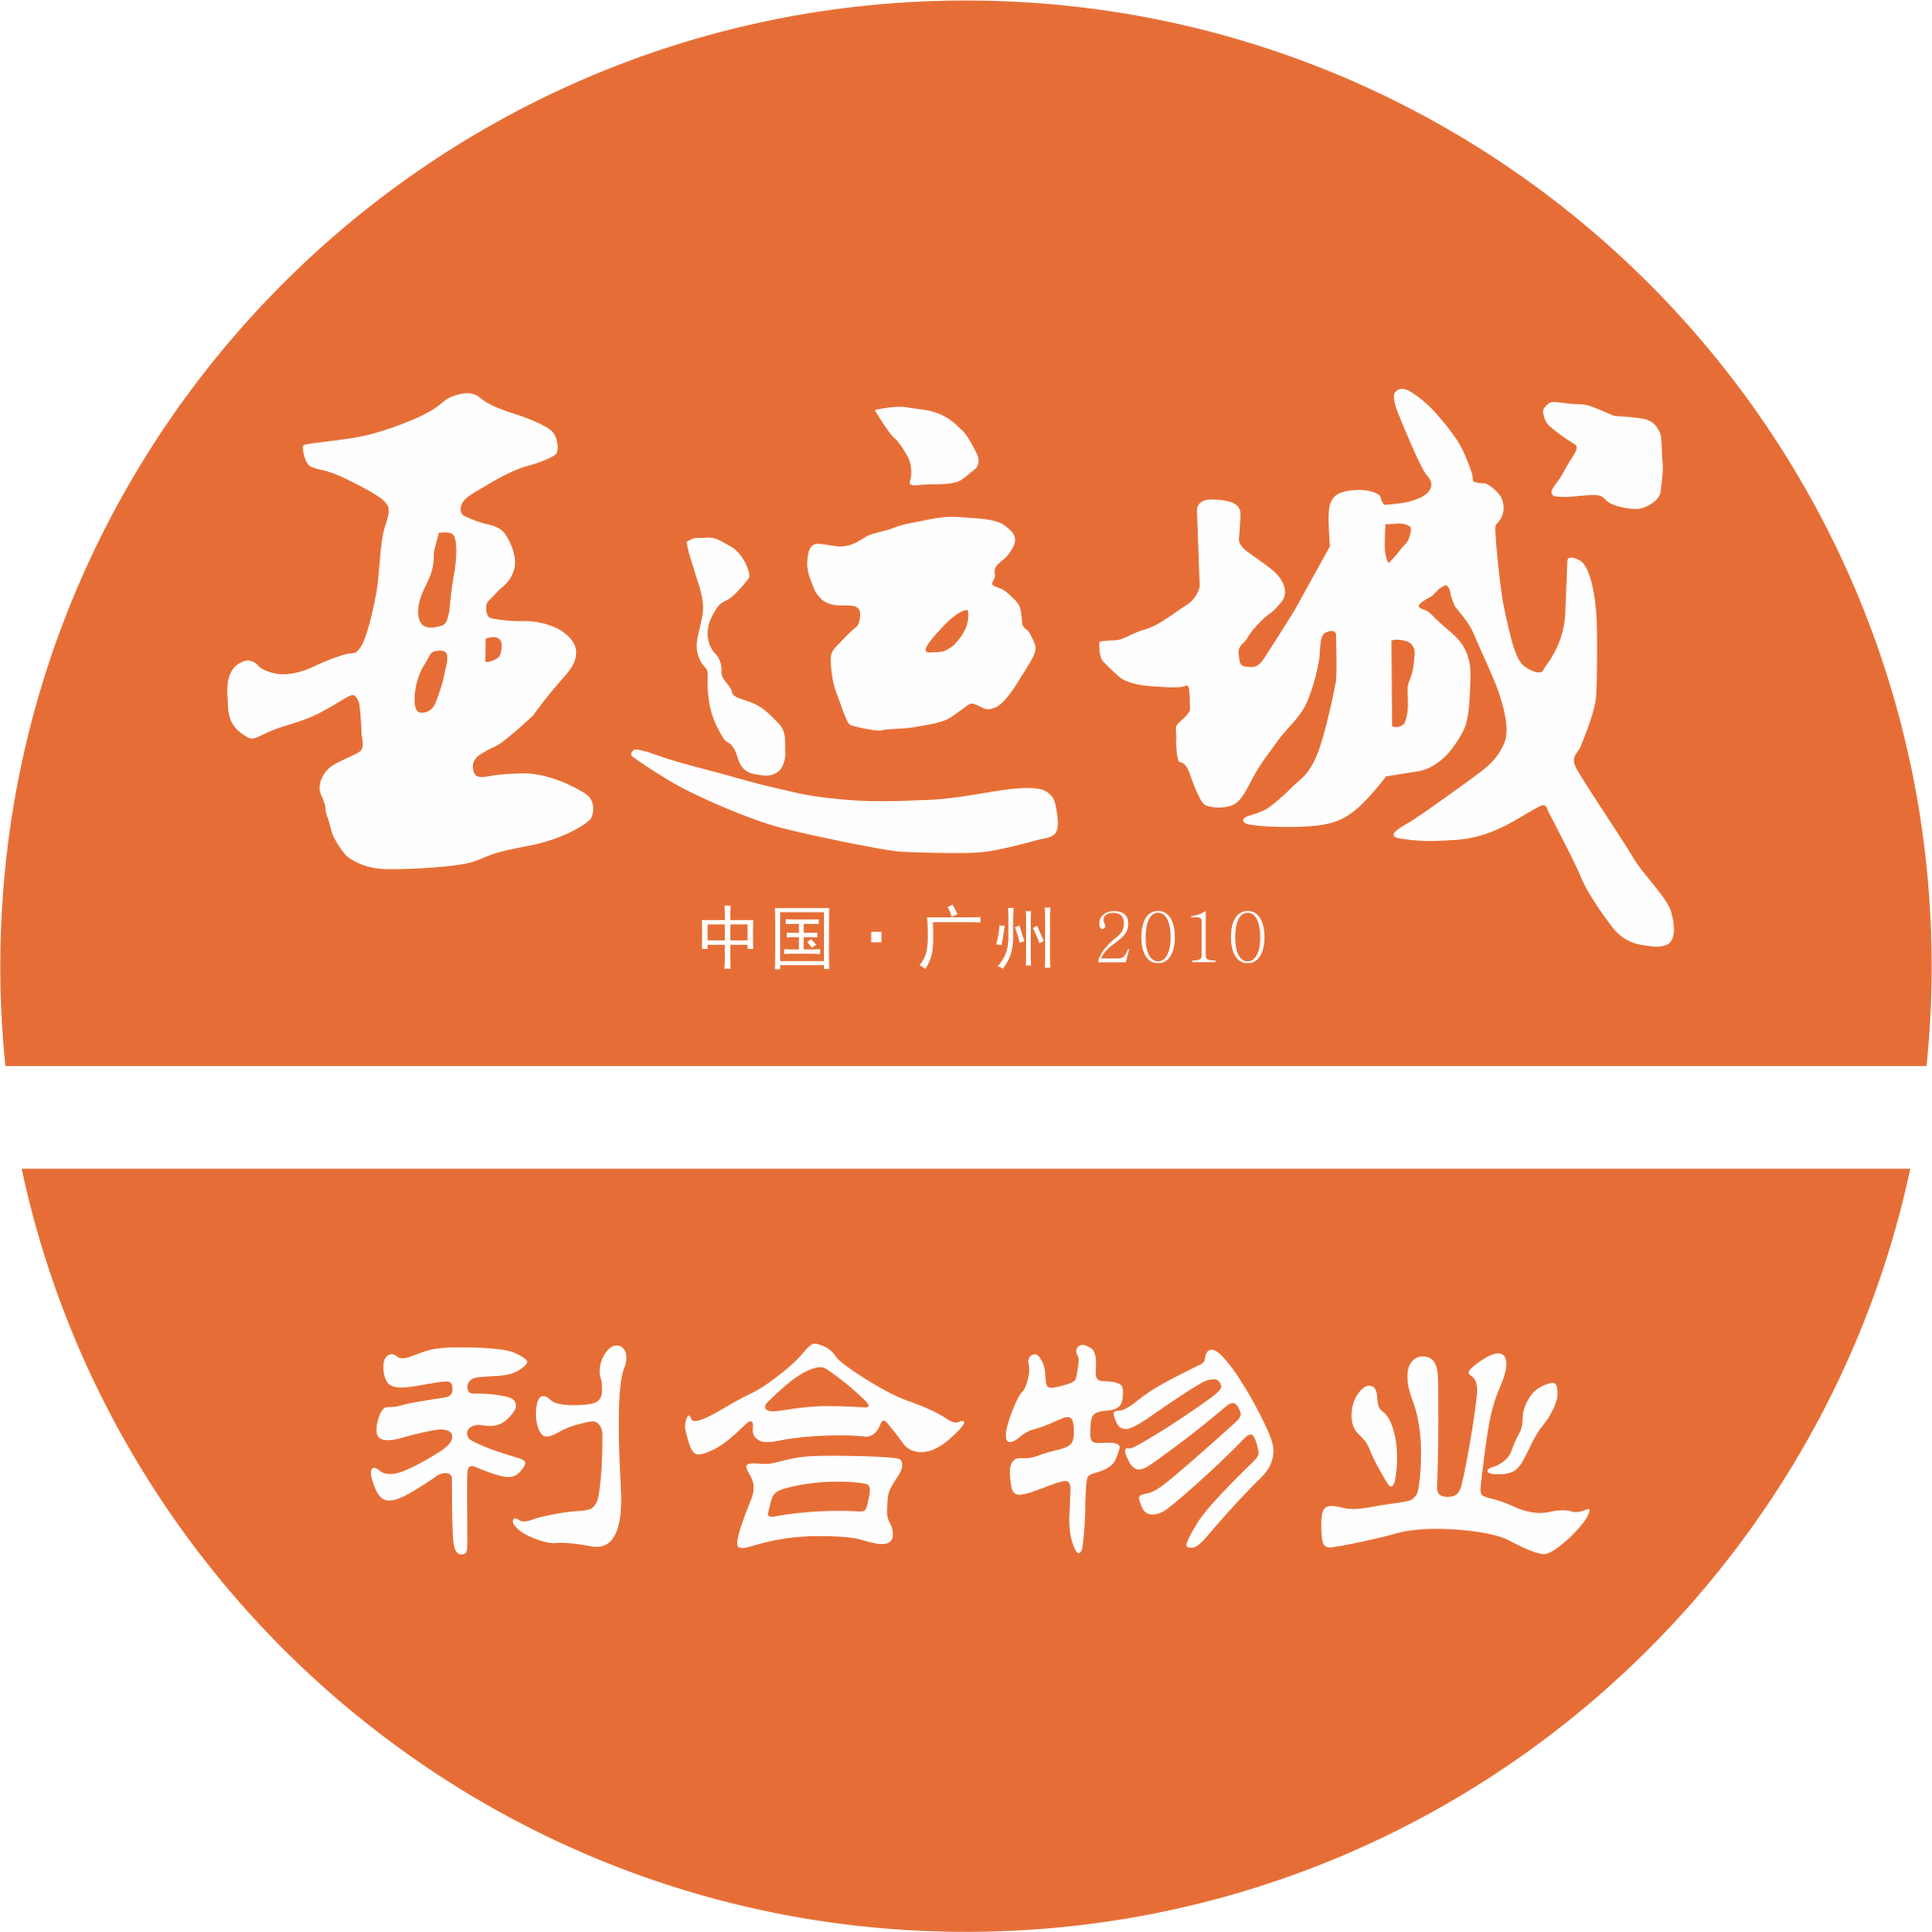 广州利合物业管理有限公司